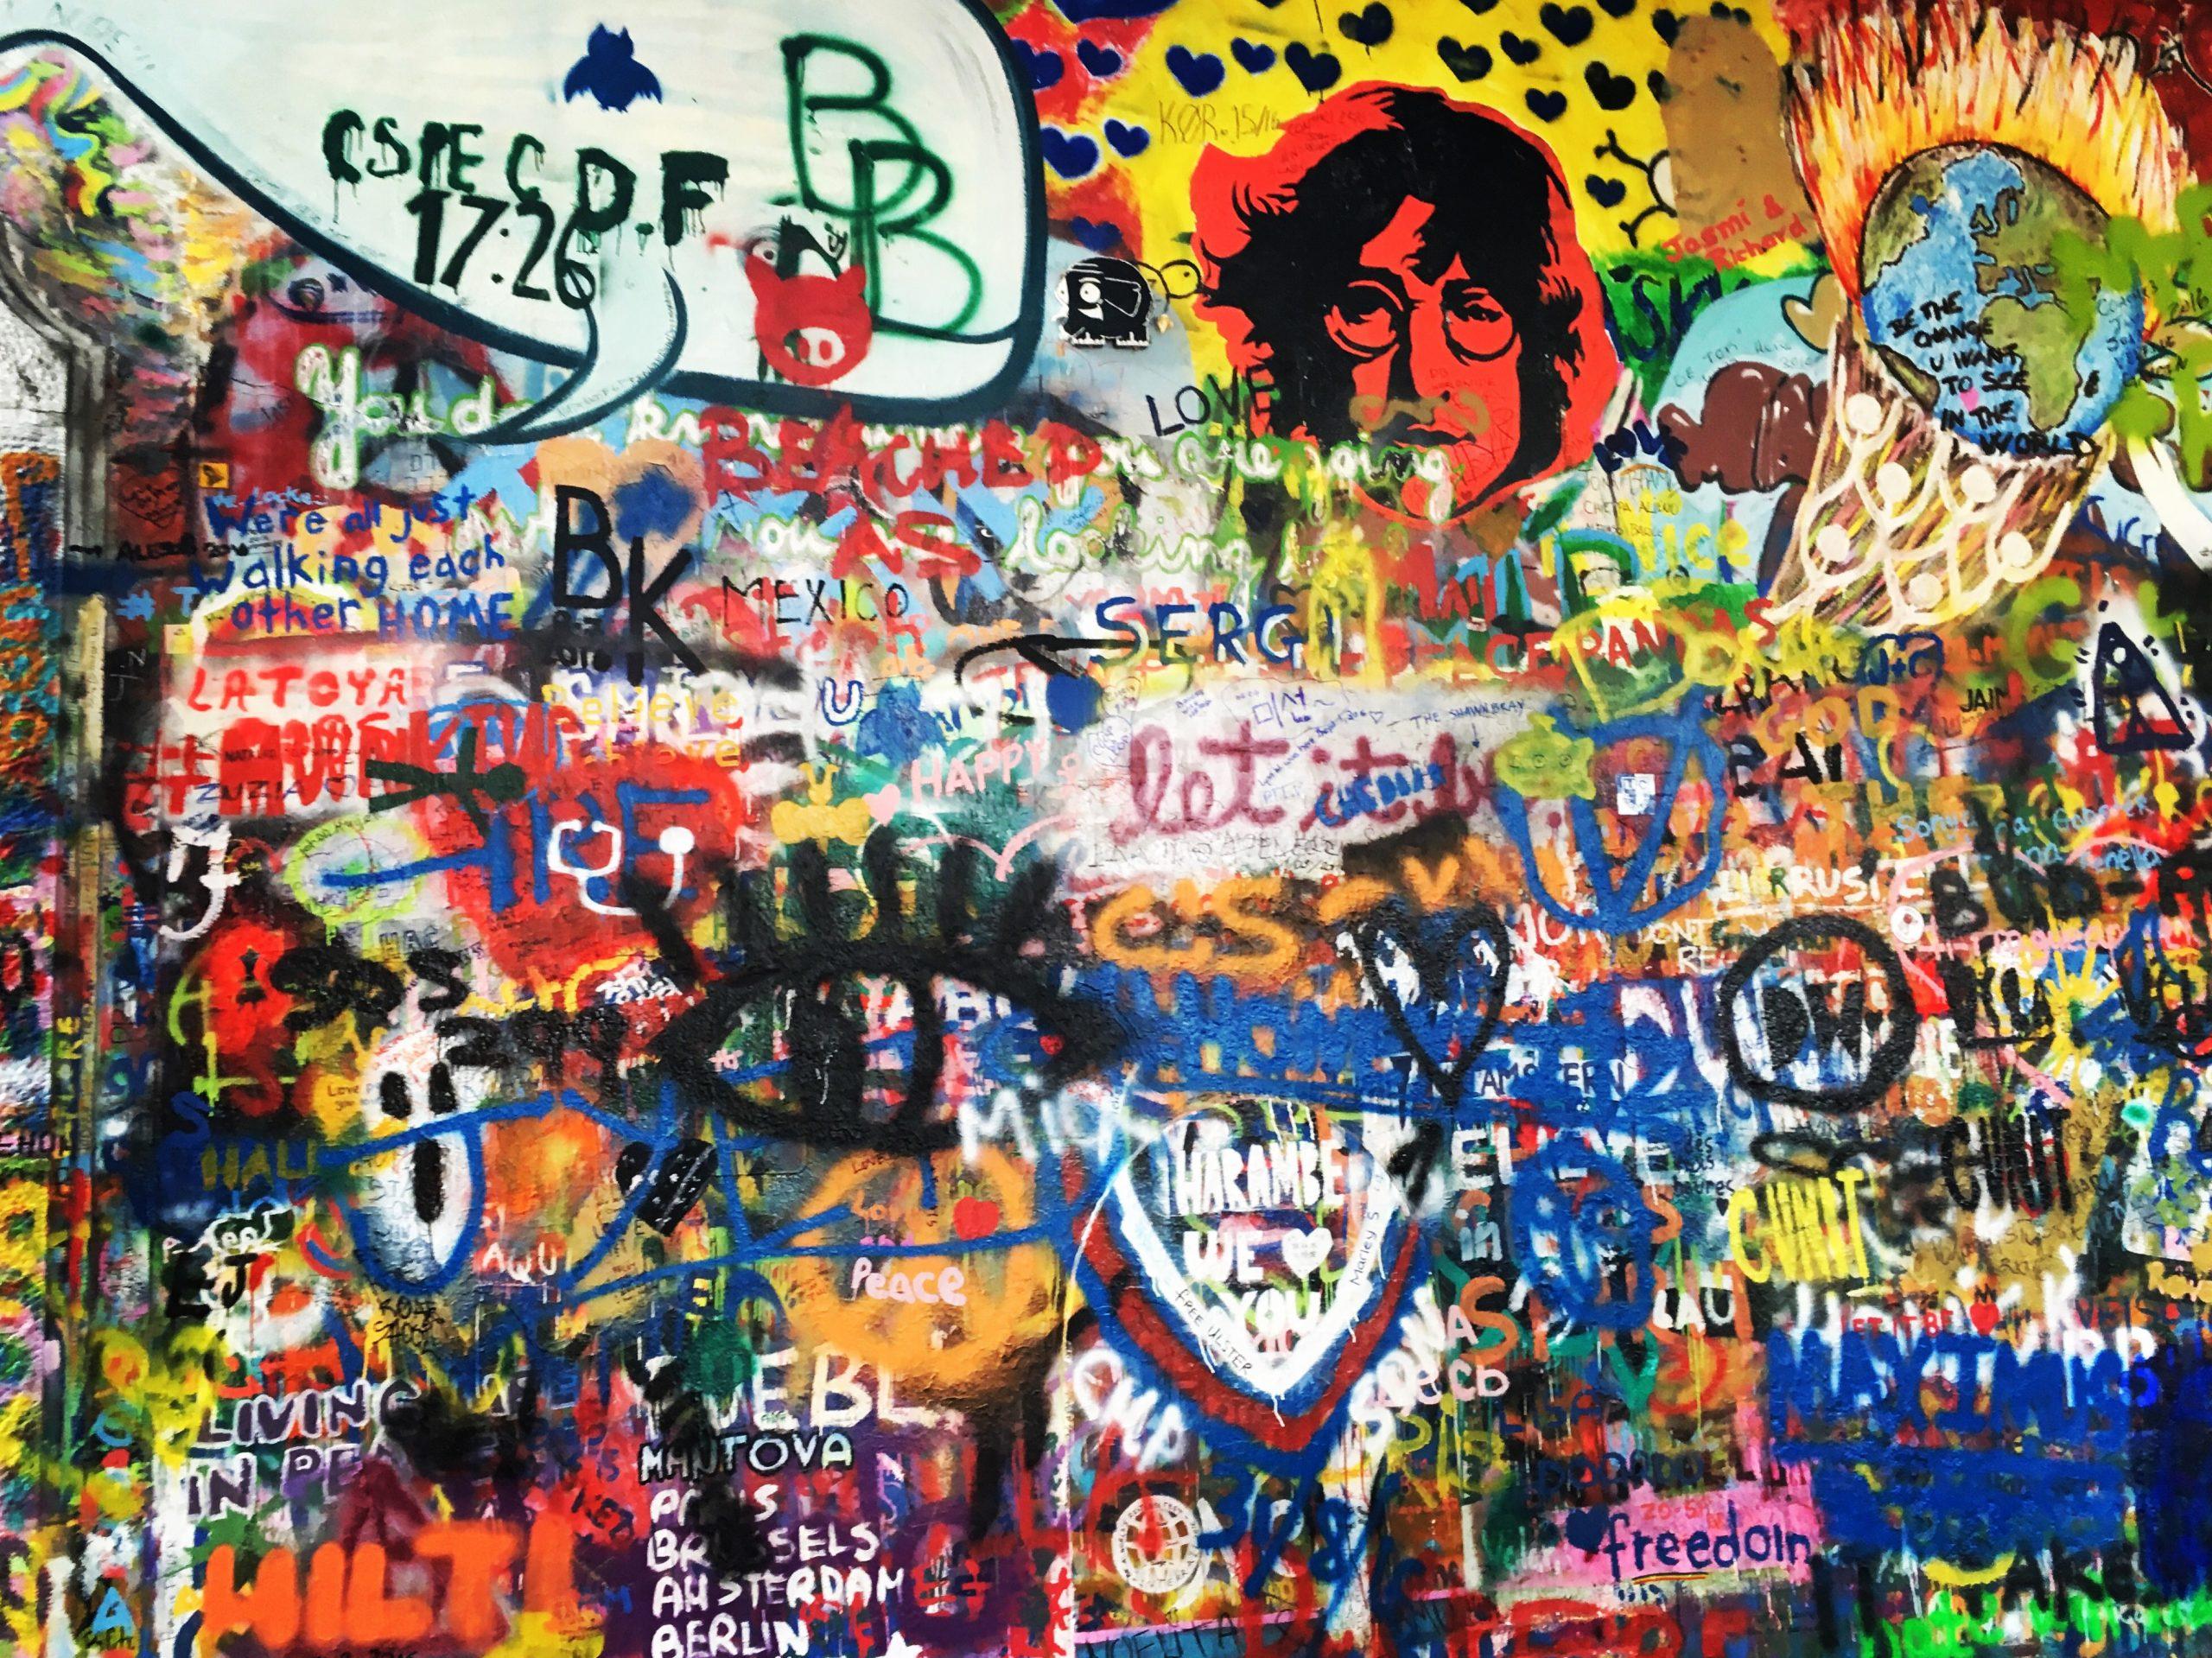 Česko: Lennon wall